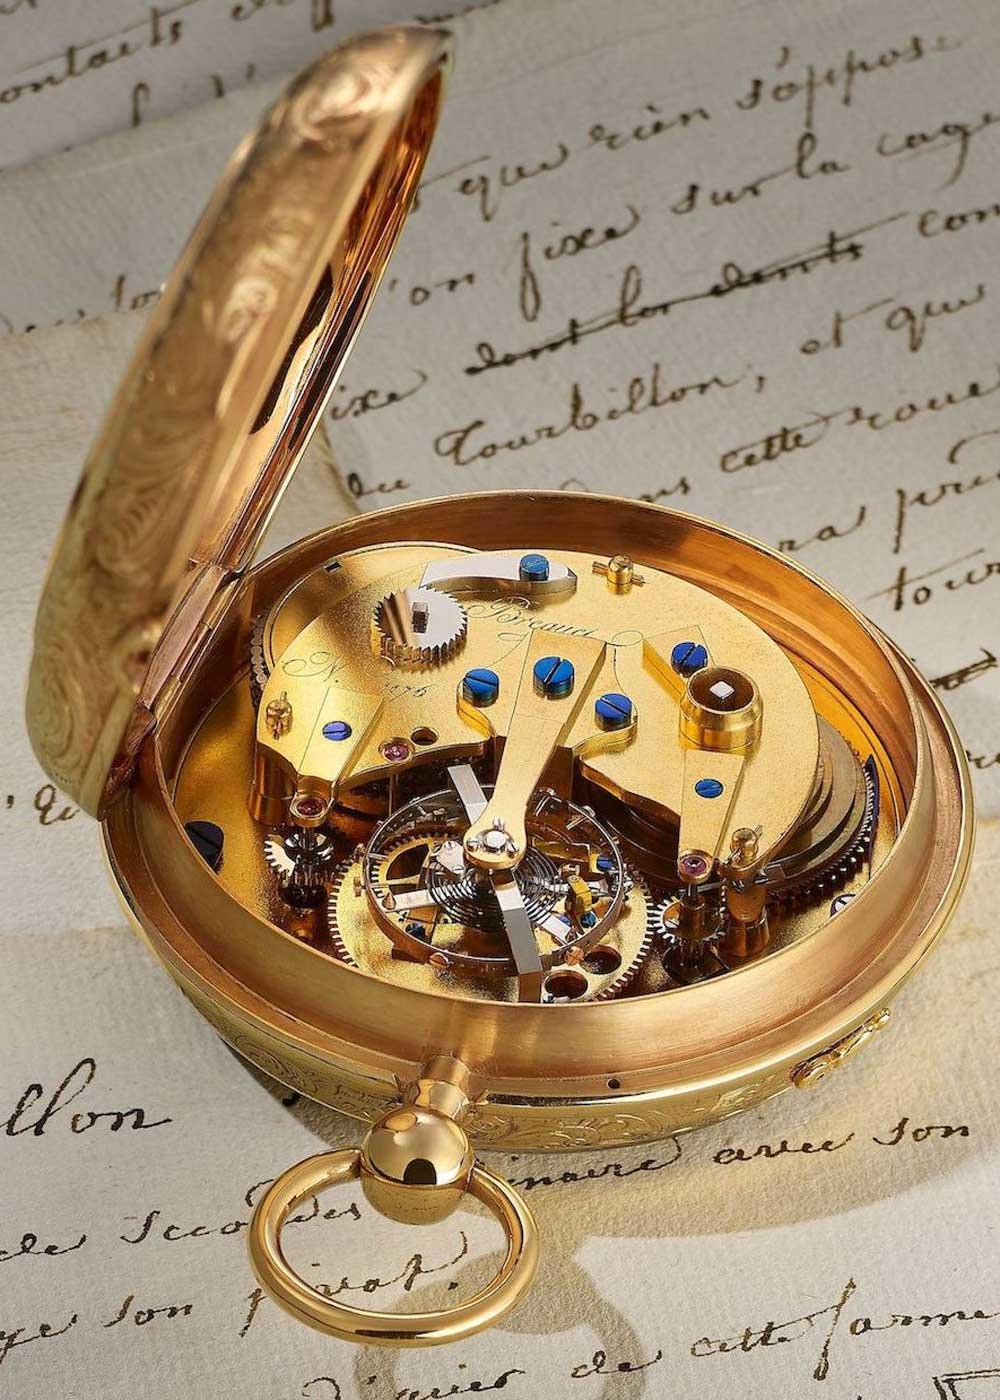 Breguet No. 1176, a 64 mm tourbillon pocket watch from 1809